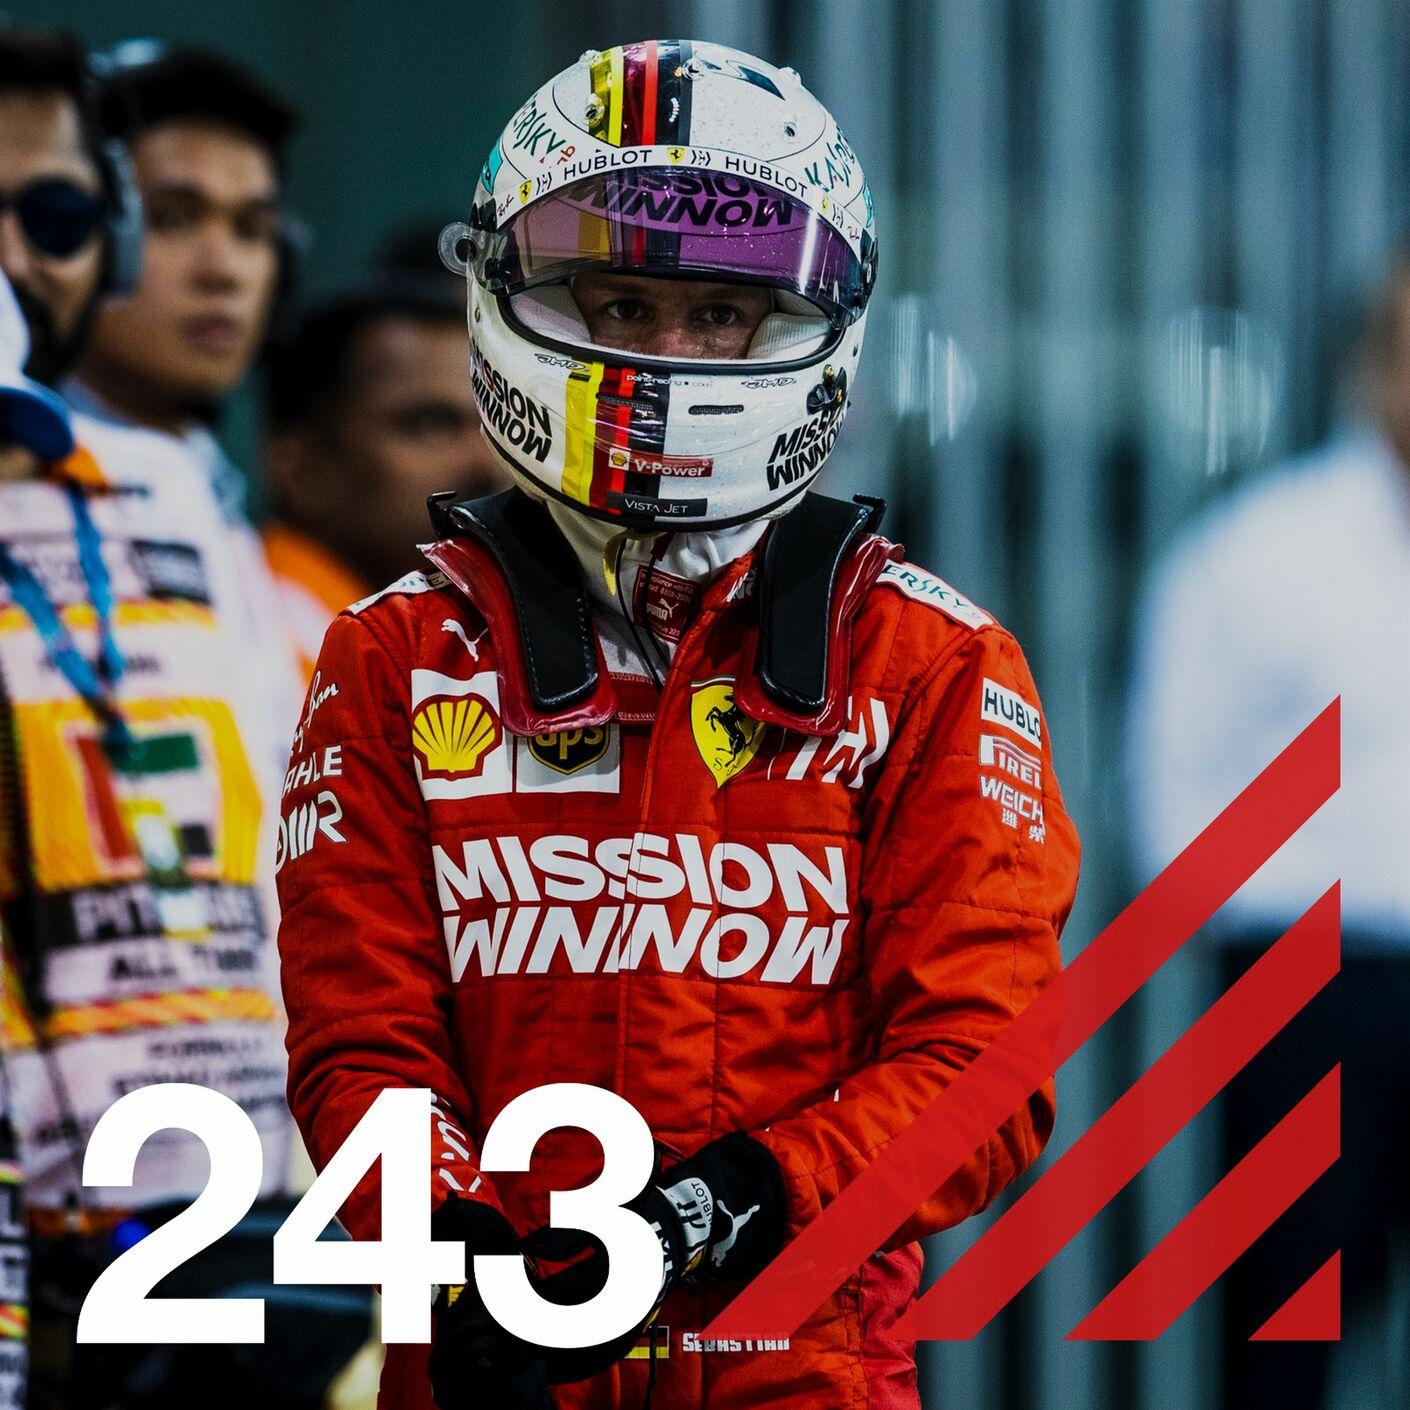 243. Vettel lämnar Ferrari